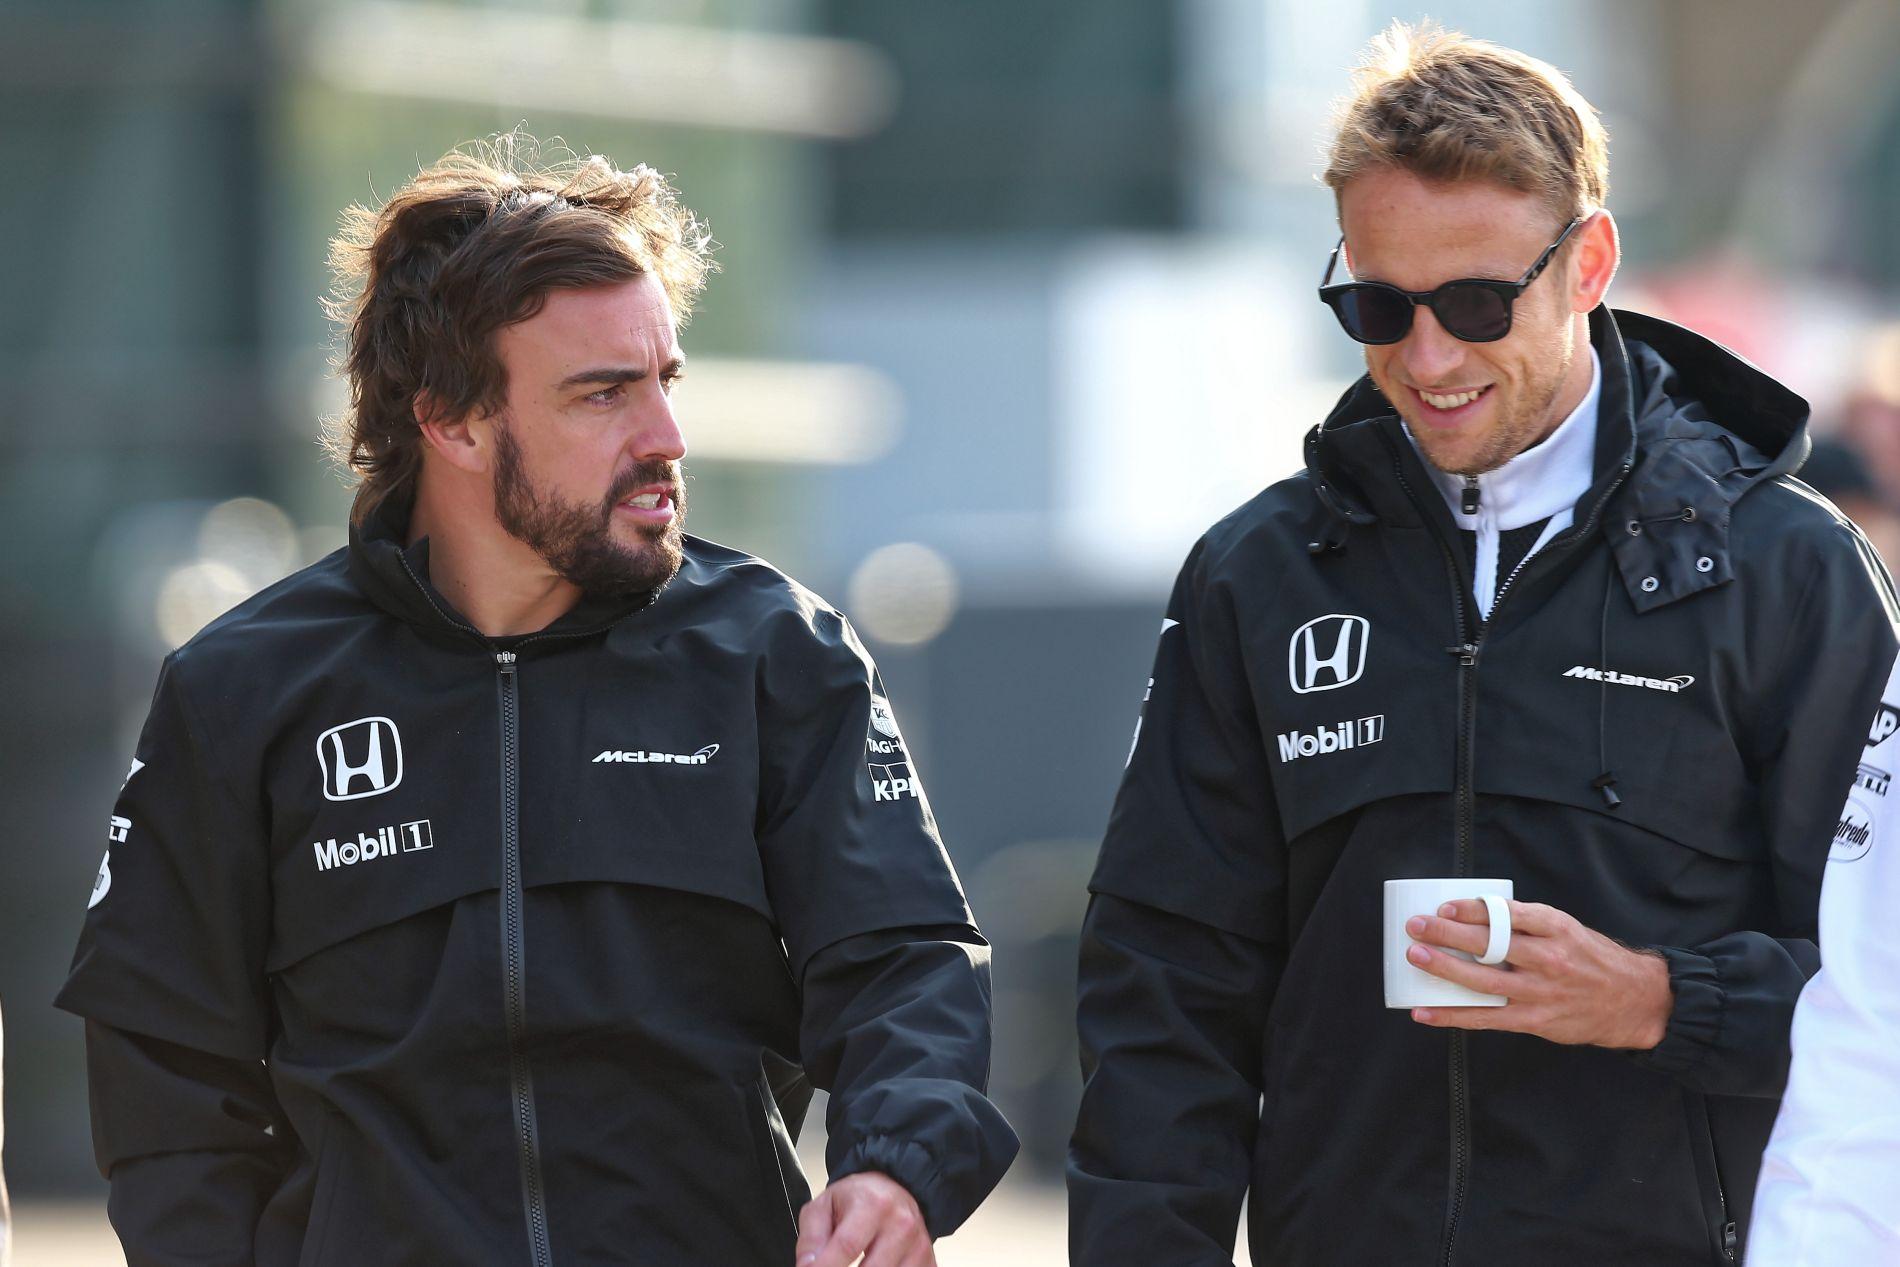 Alonso még mindig hisz benne, hogy bajnok lehet, Button pedig szorít neki, hogy így legyen